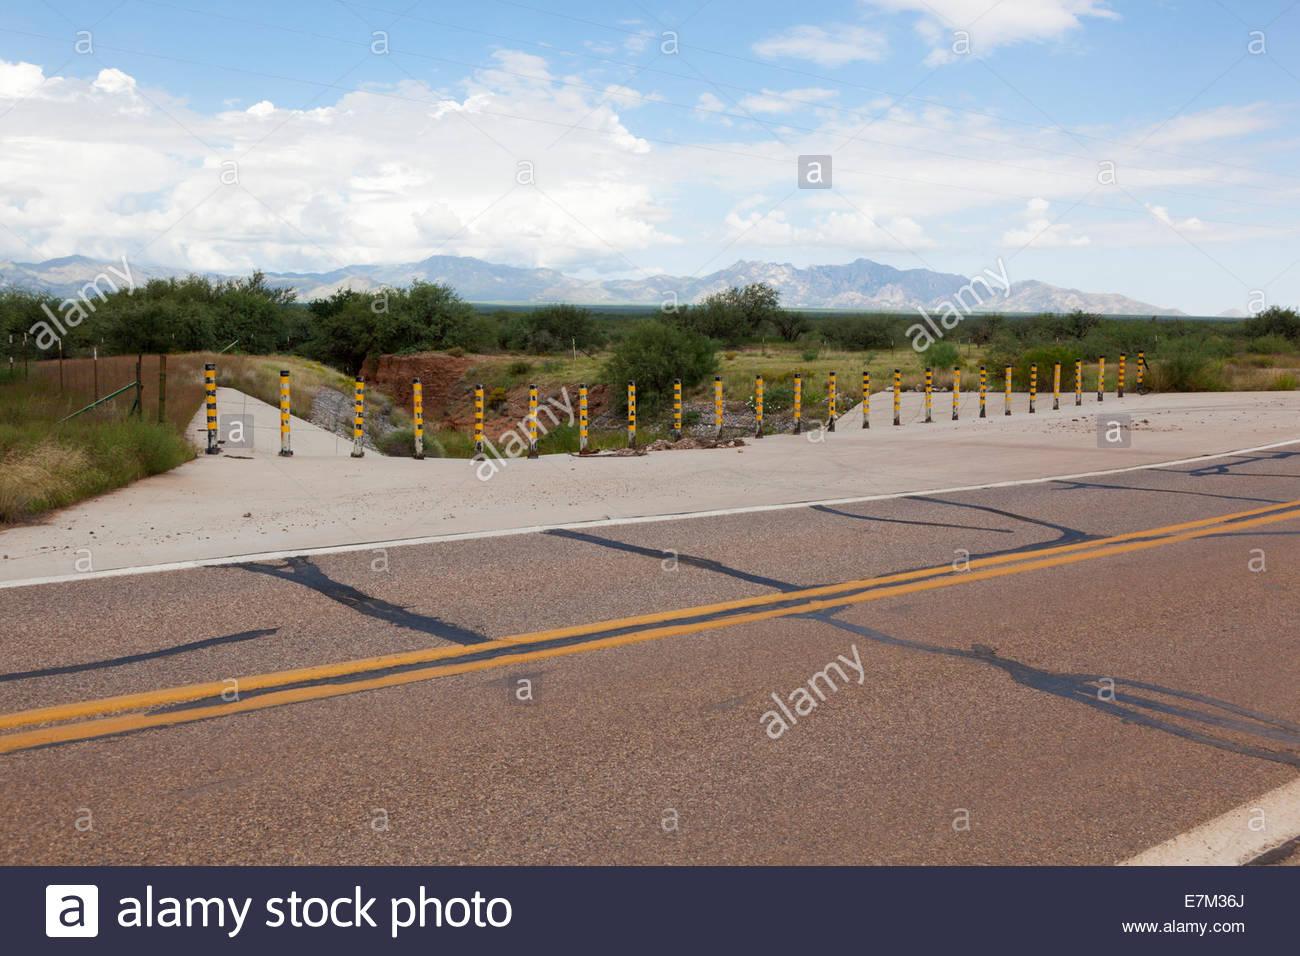 Steel pipe barricade where desert wash crosses highway Arizona - Stock Image